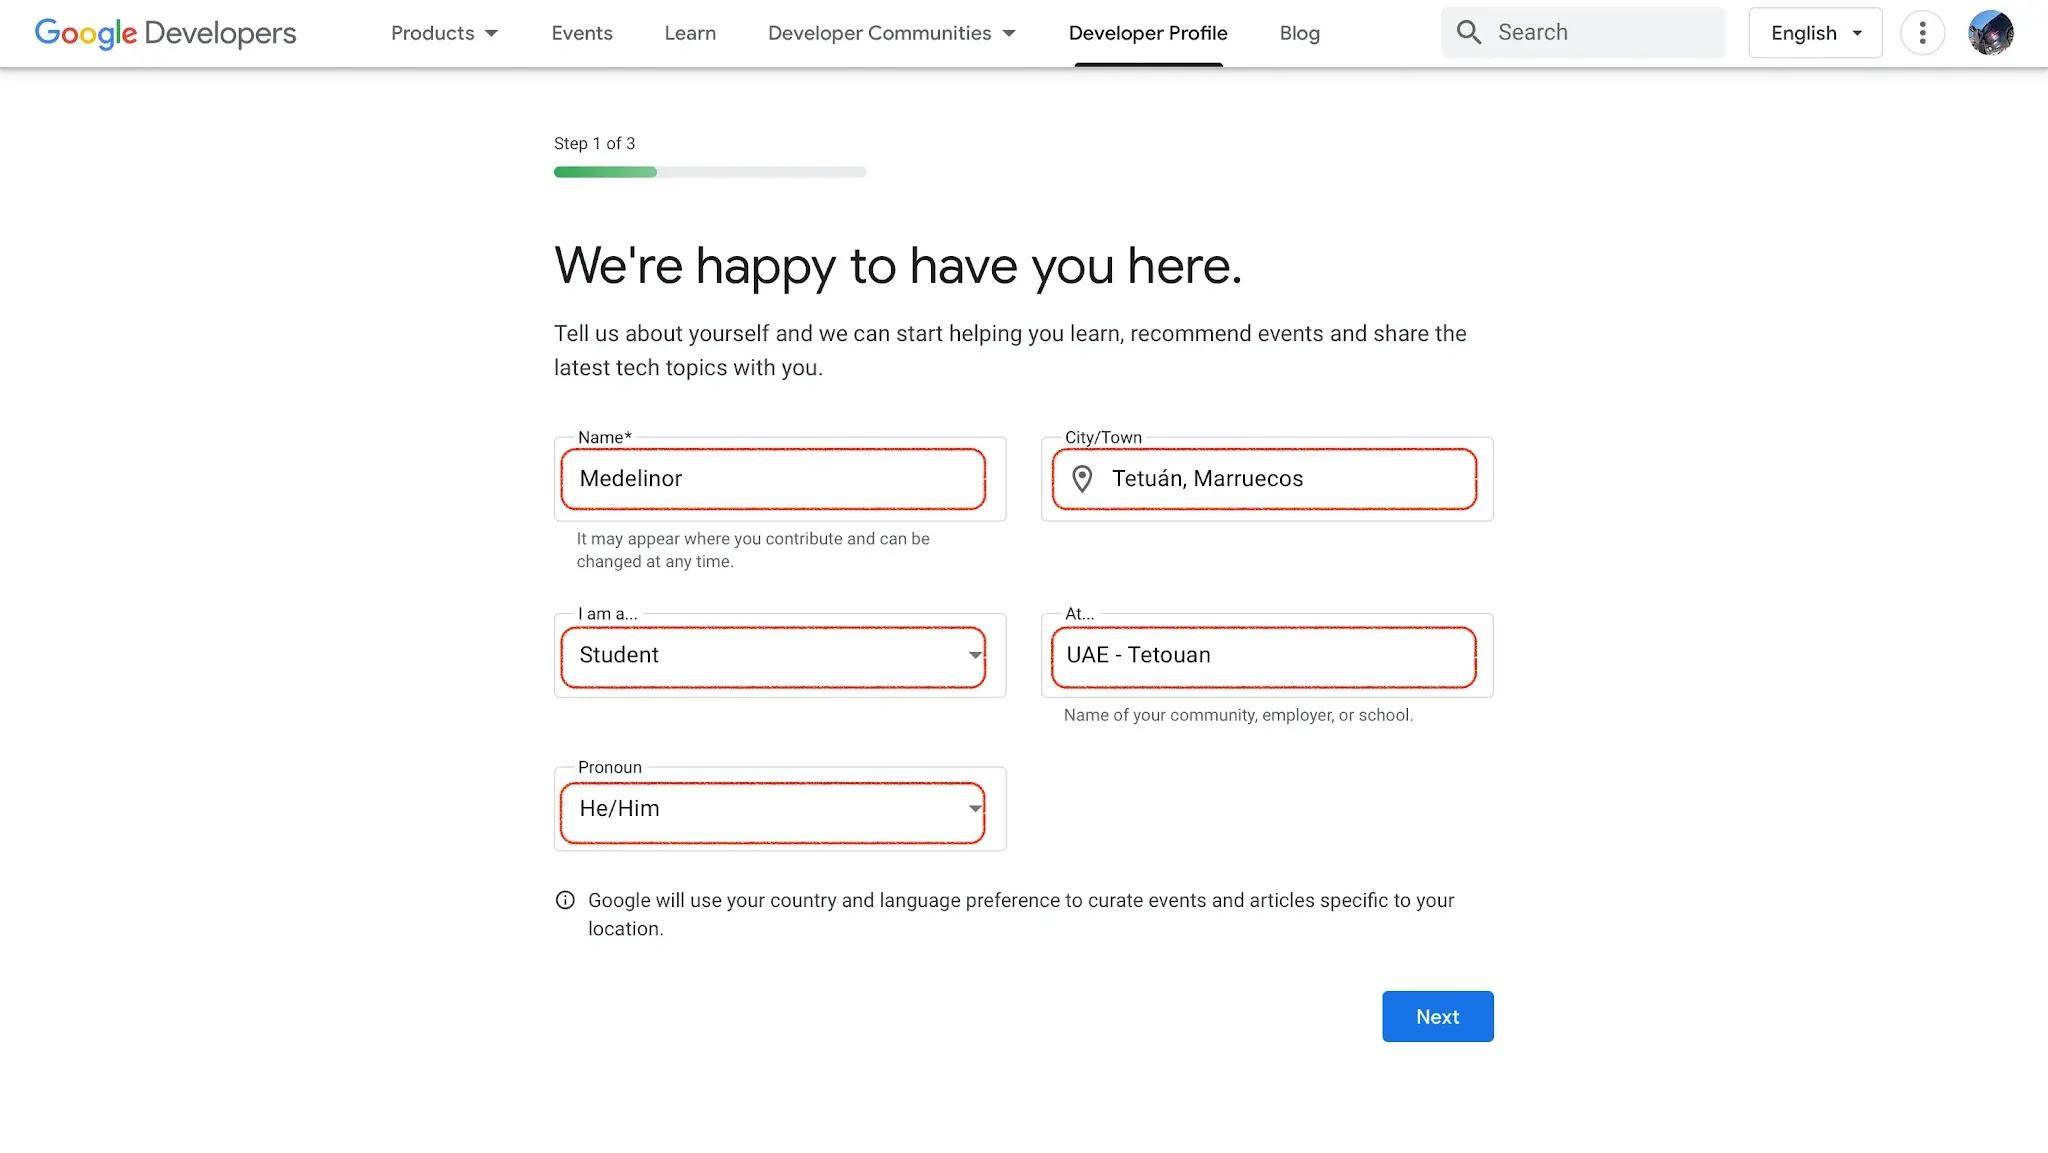 معلومات يجب ملؤها لإنشاء ملف تعريف Google Developers